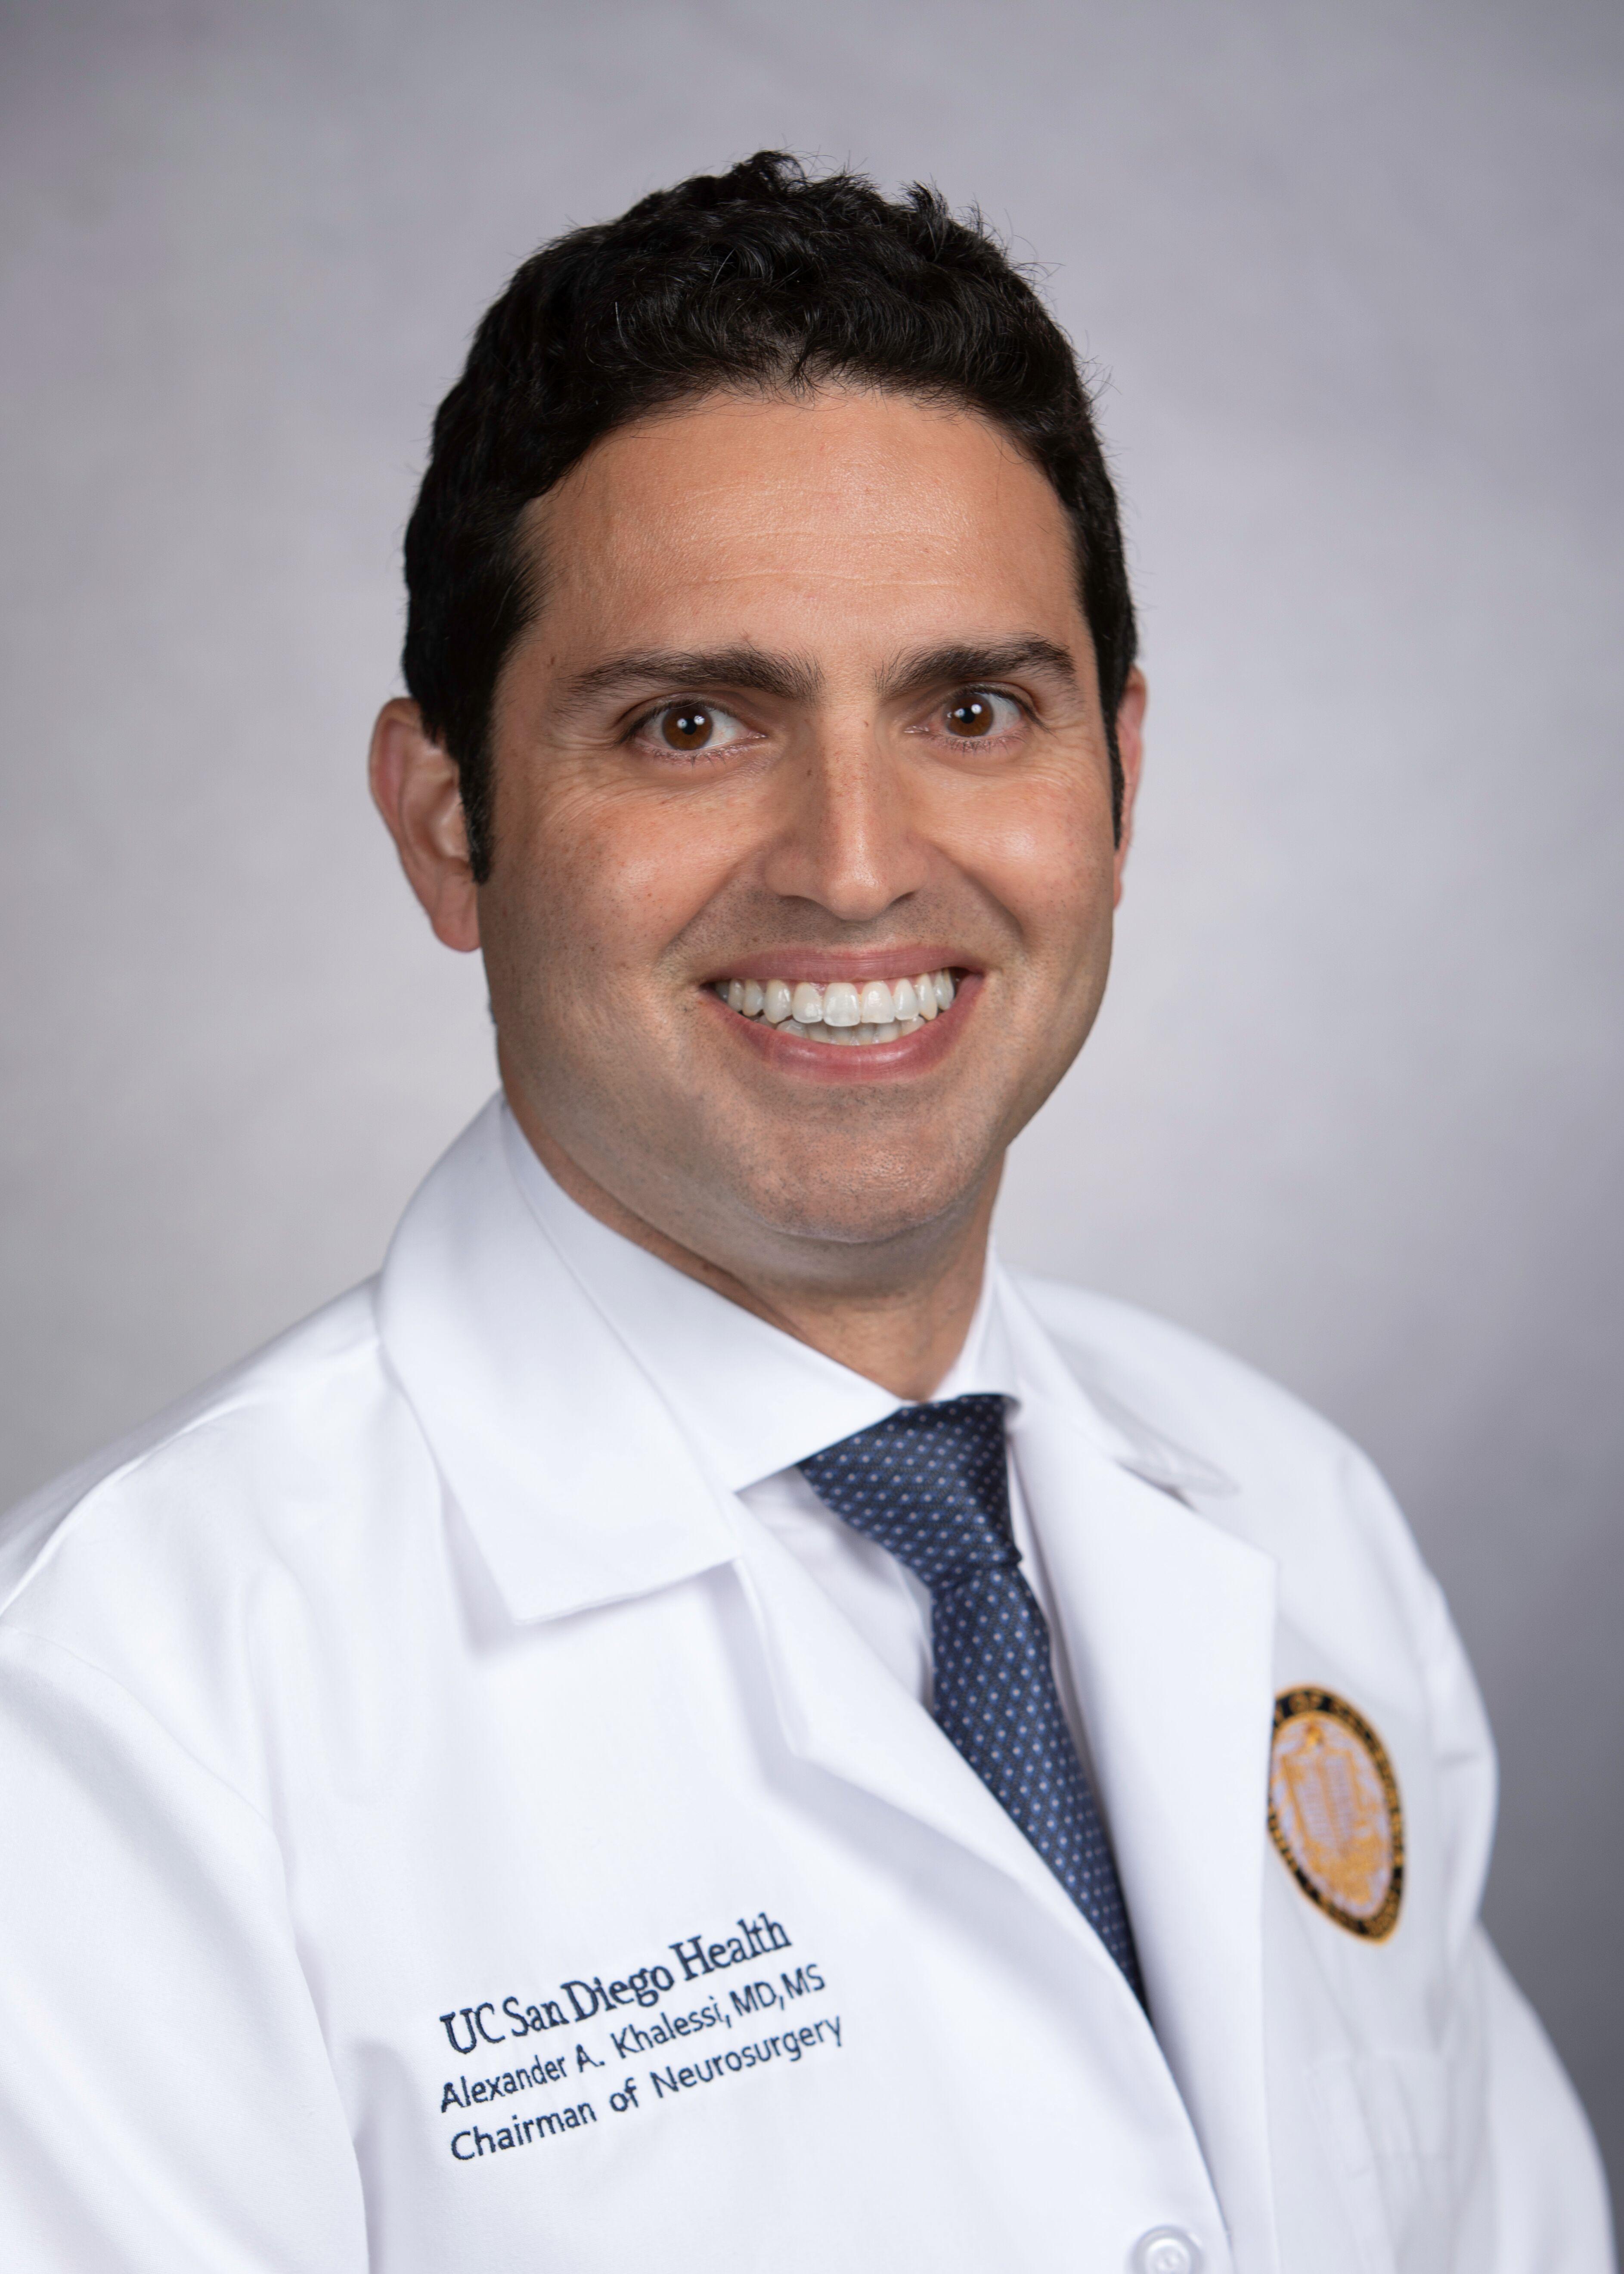 Image For Dr. Alexander A. Khalessi MD